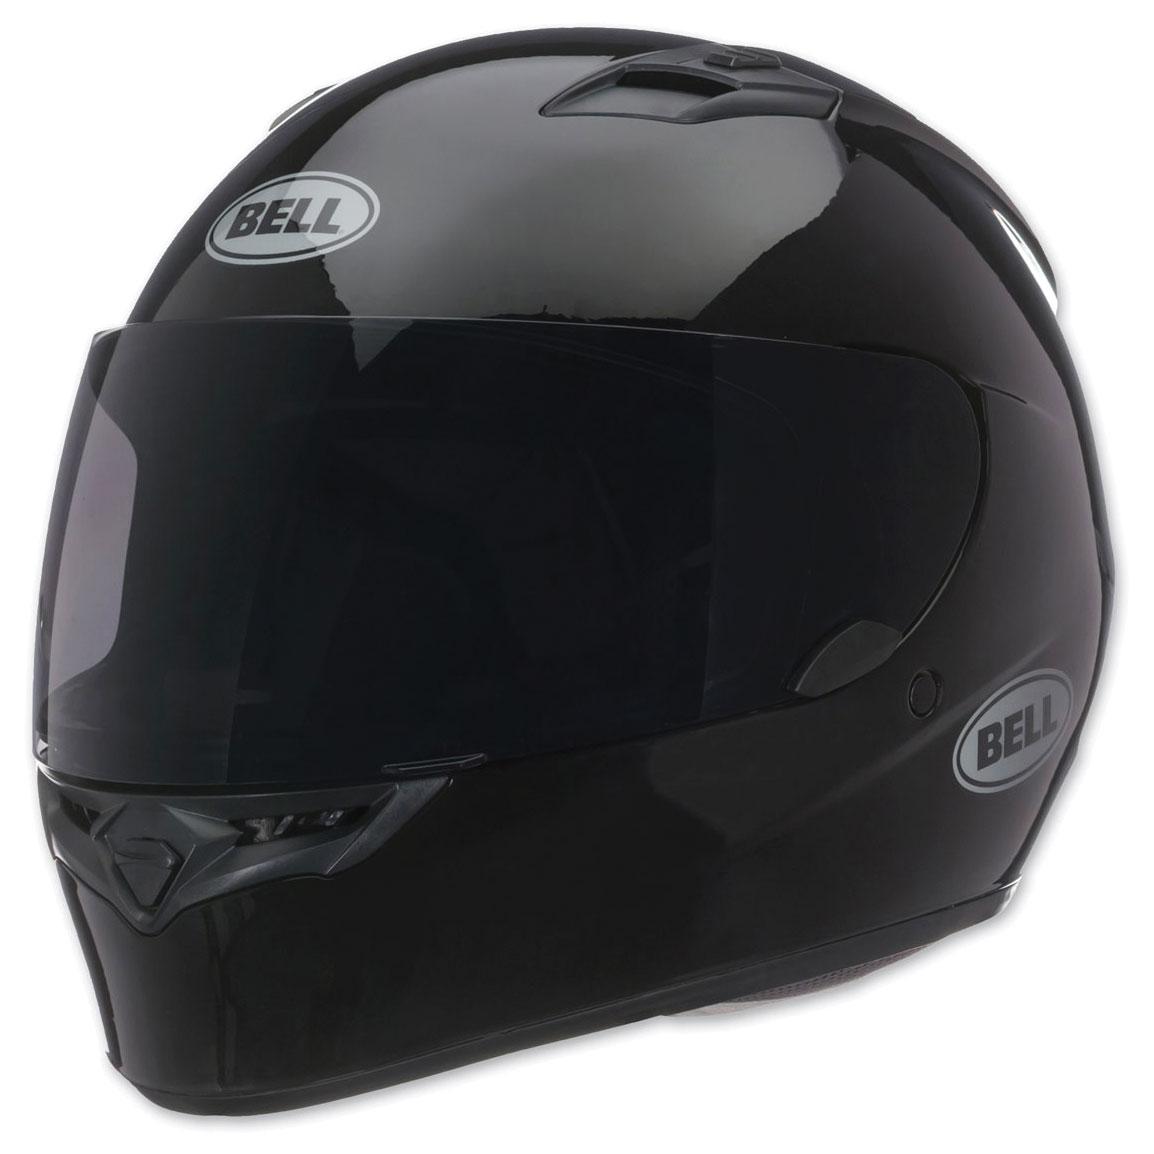 Bell Qualifier Gloss Black Full Face Helmet